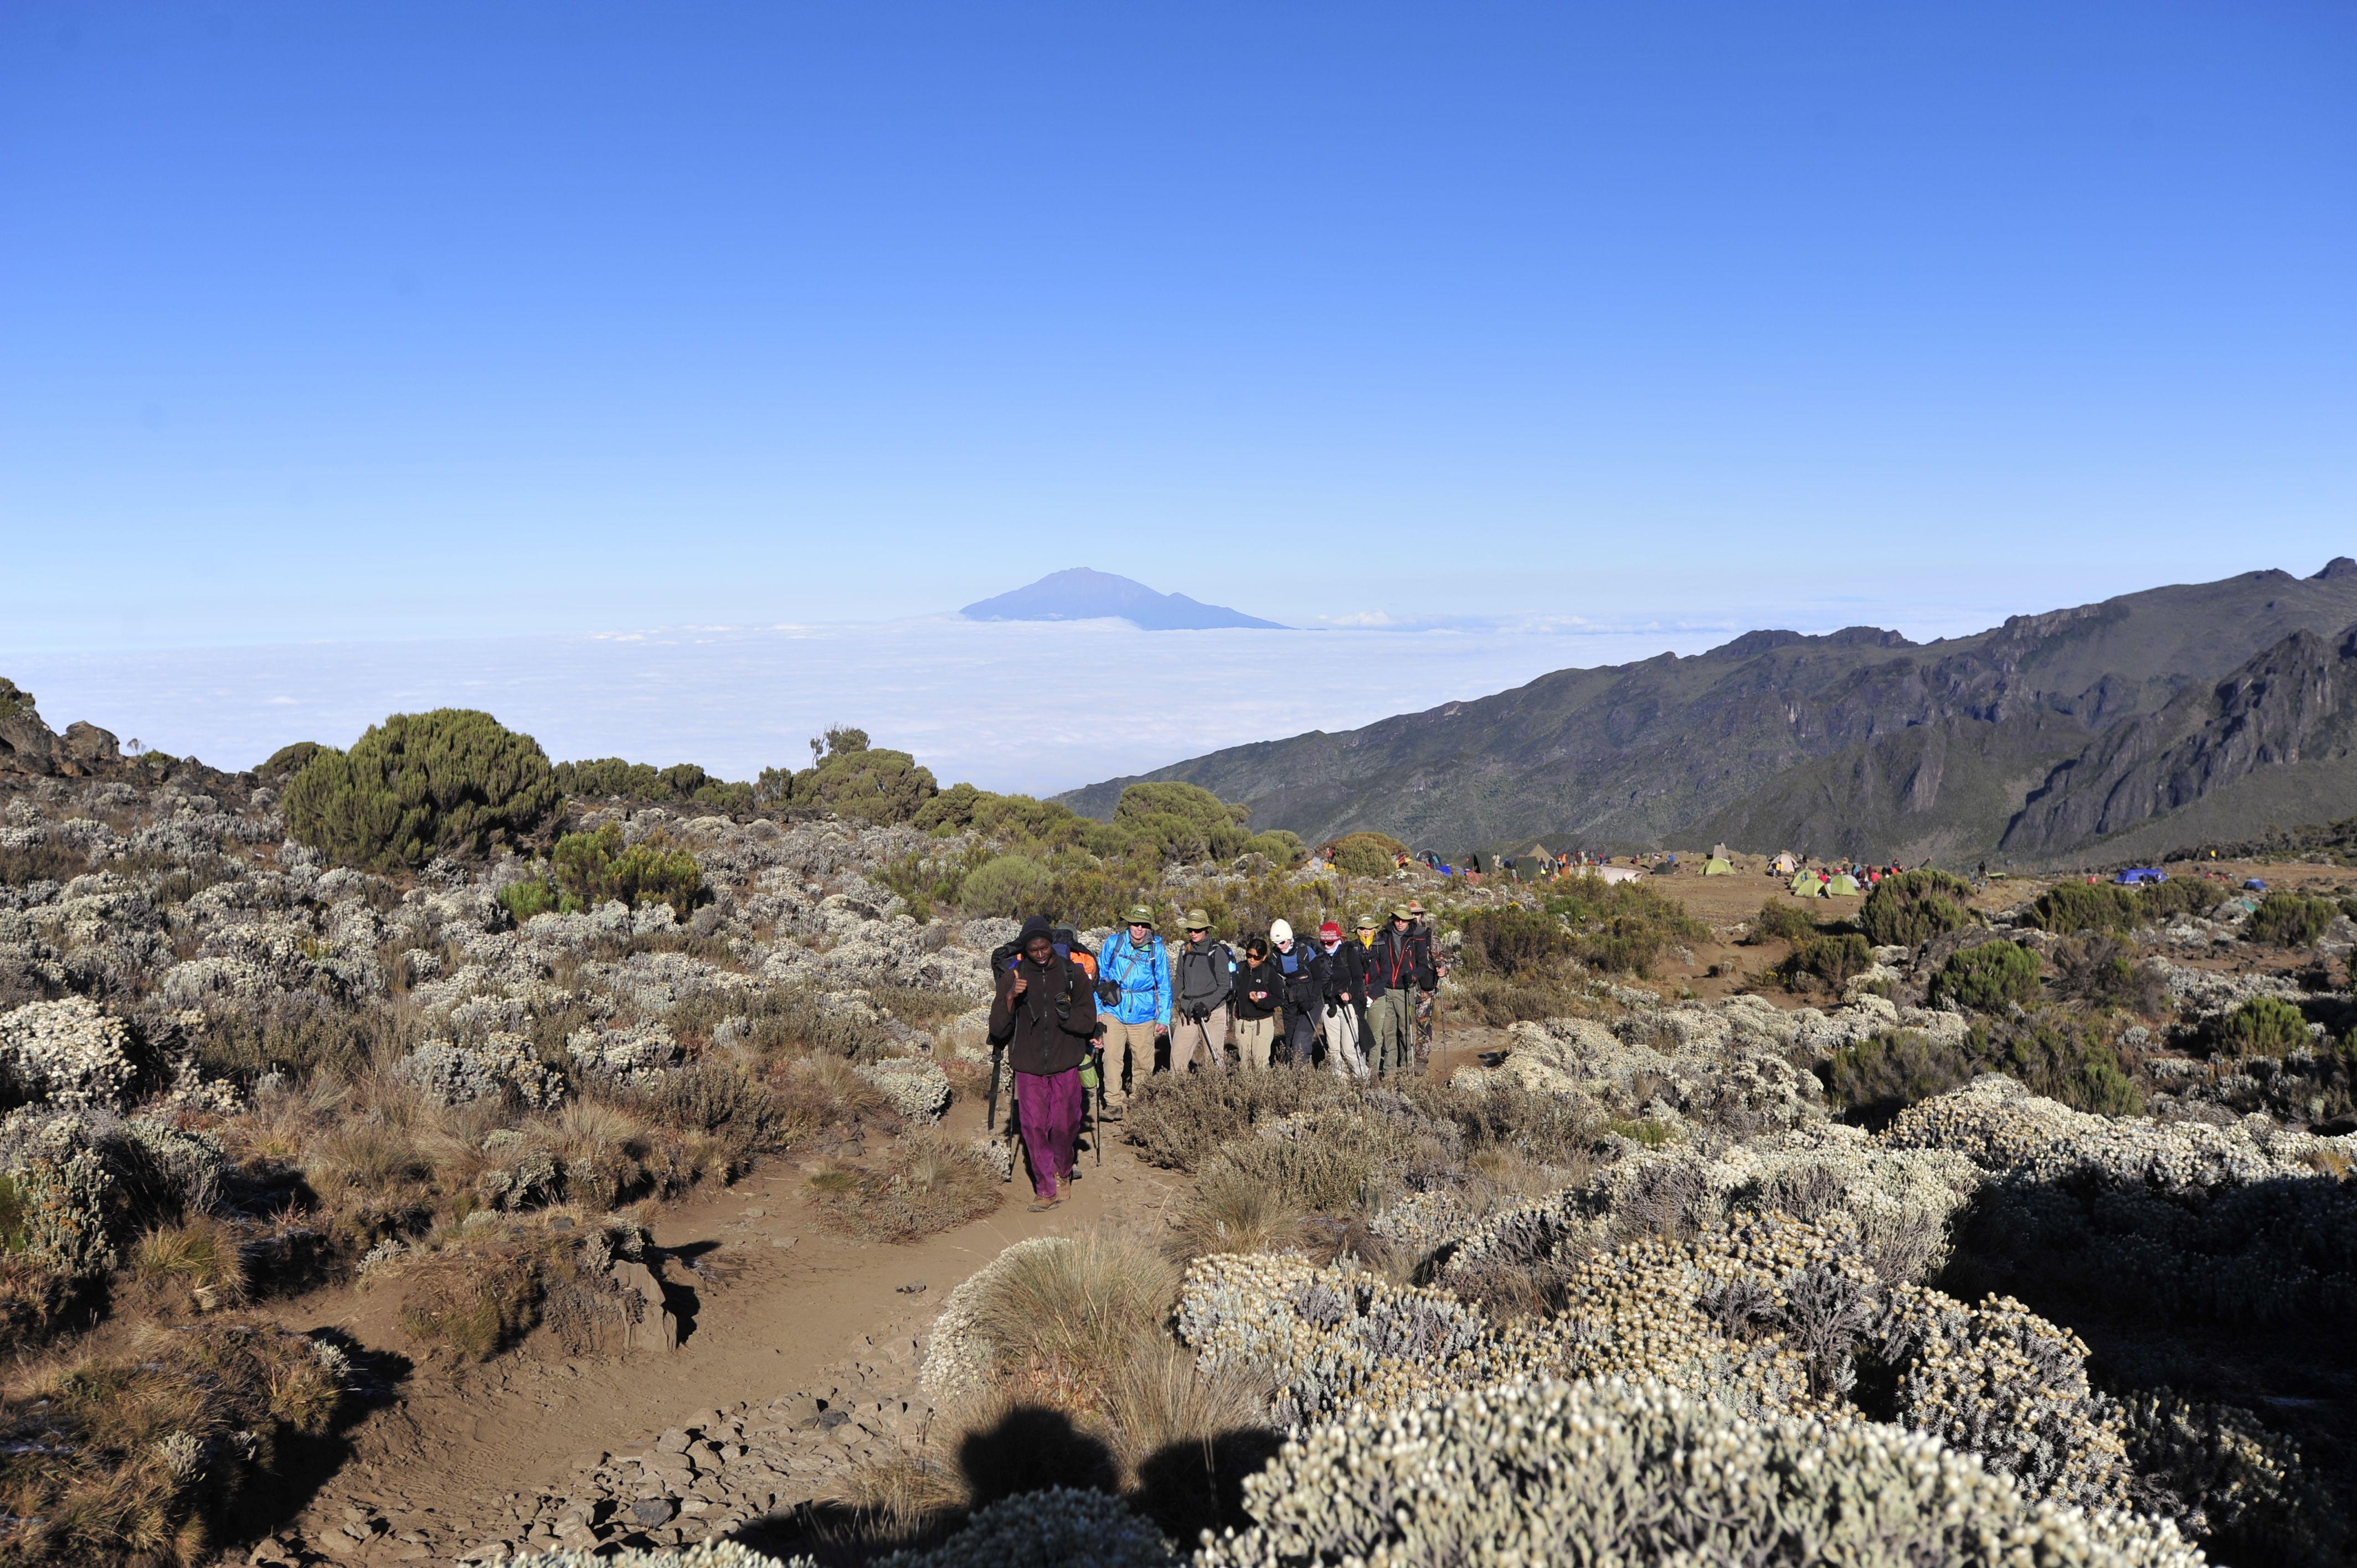 10 Dage – Kilimanjaro Bestigning ad Lemosho ruten